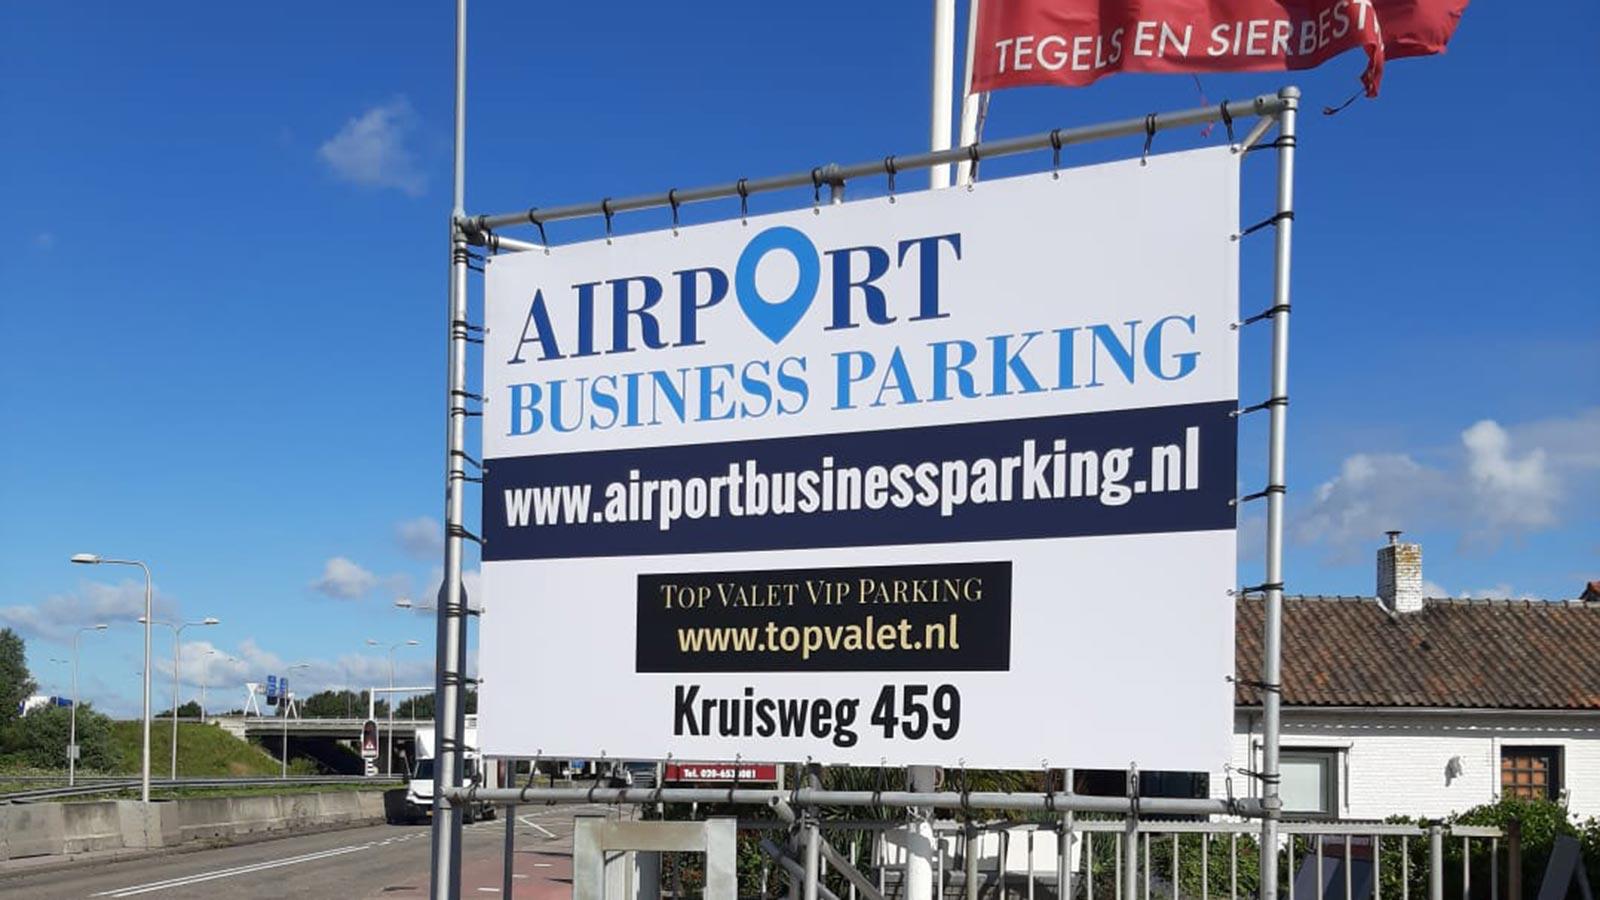 Van Riemsdijk Reklame - Spandoeken - Airport Business Parking